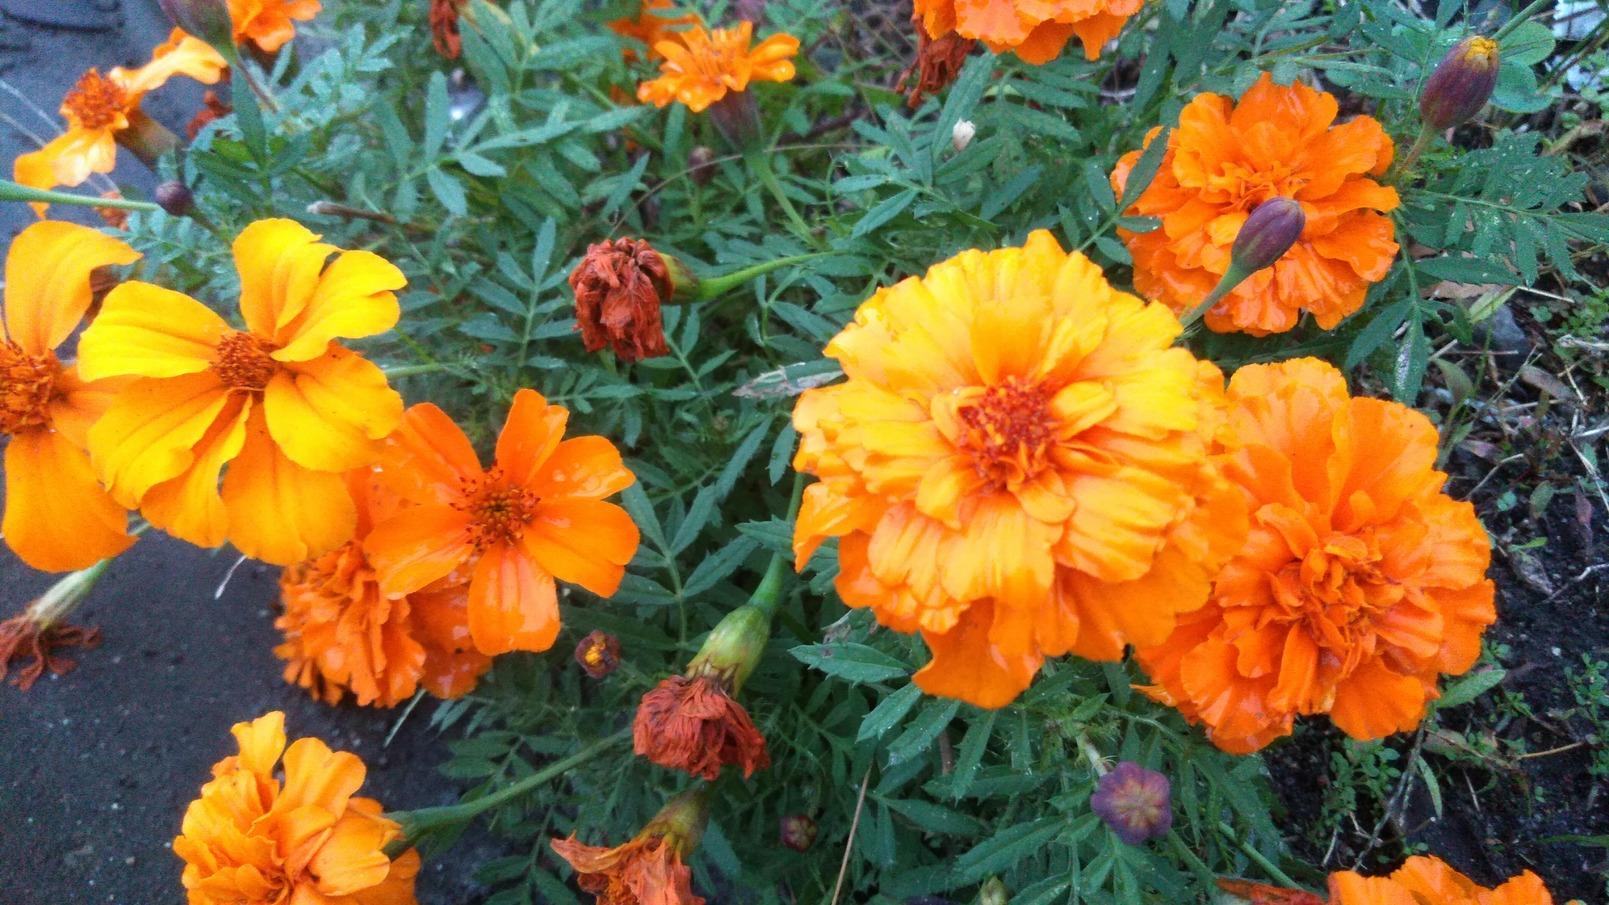 マリーゴールドとらっきょうの花